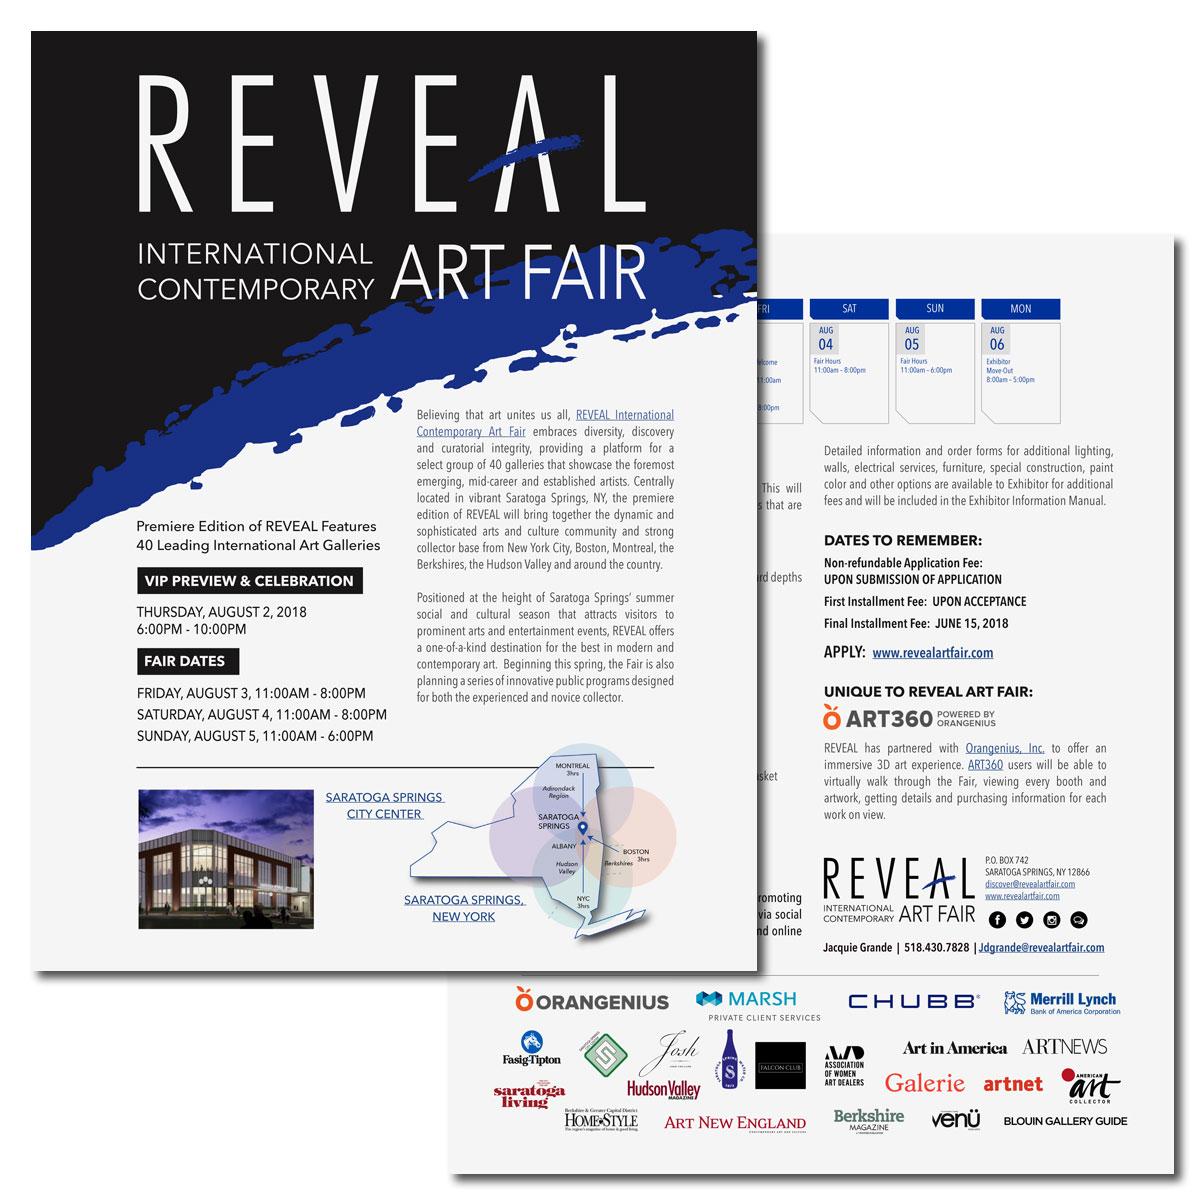 REVEAL Art Fair Exhibitor Details